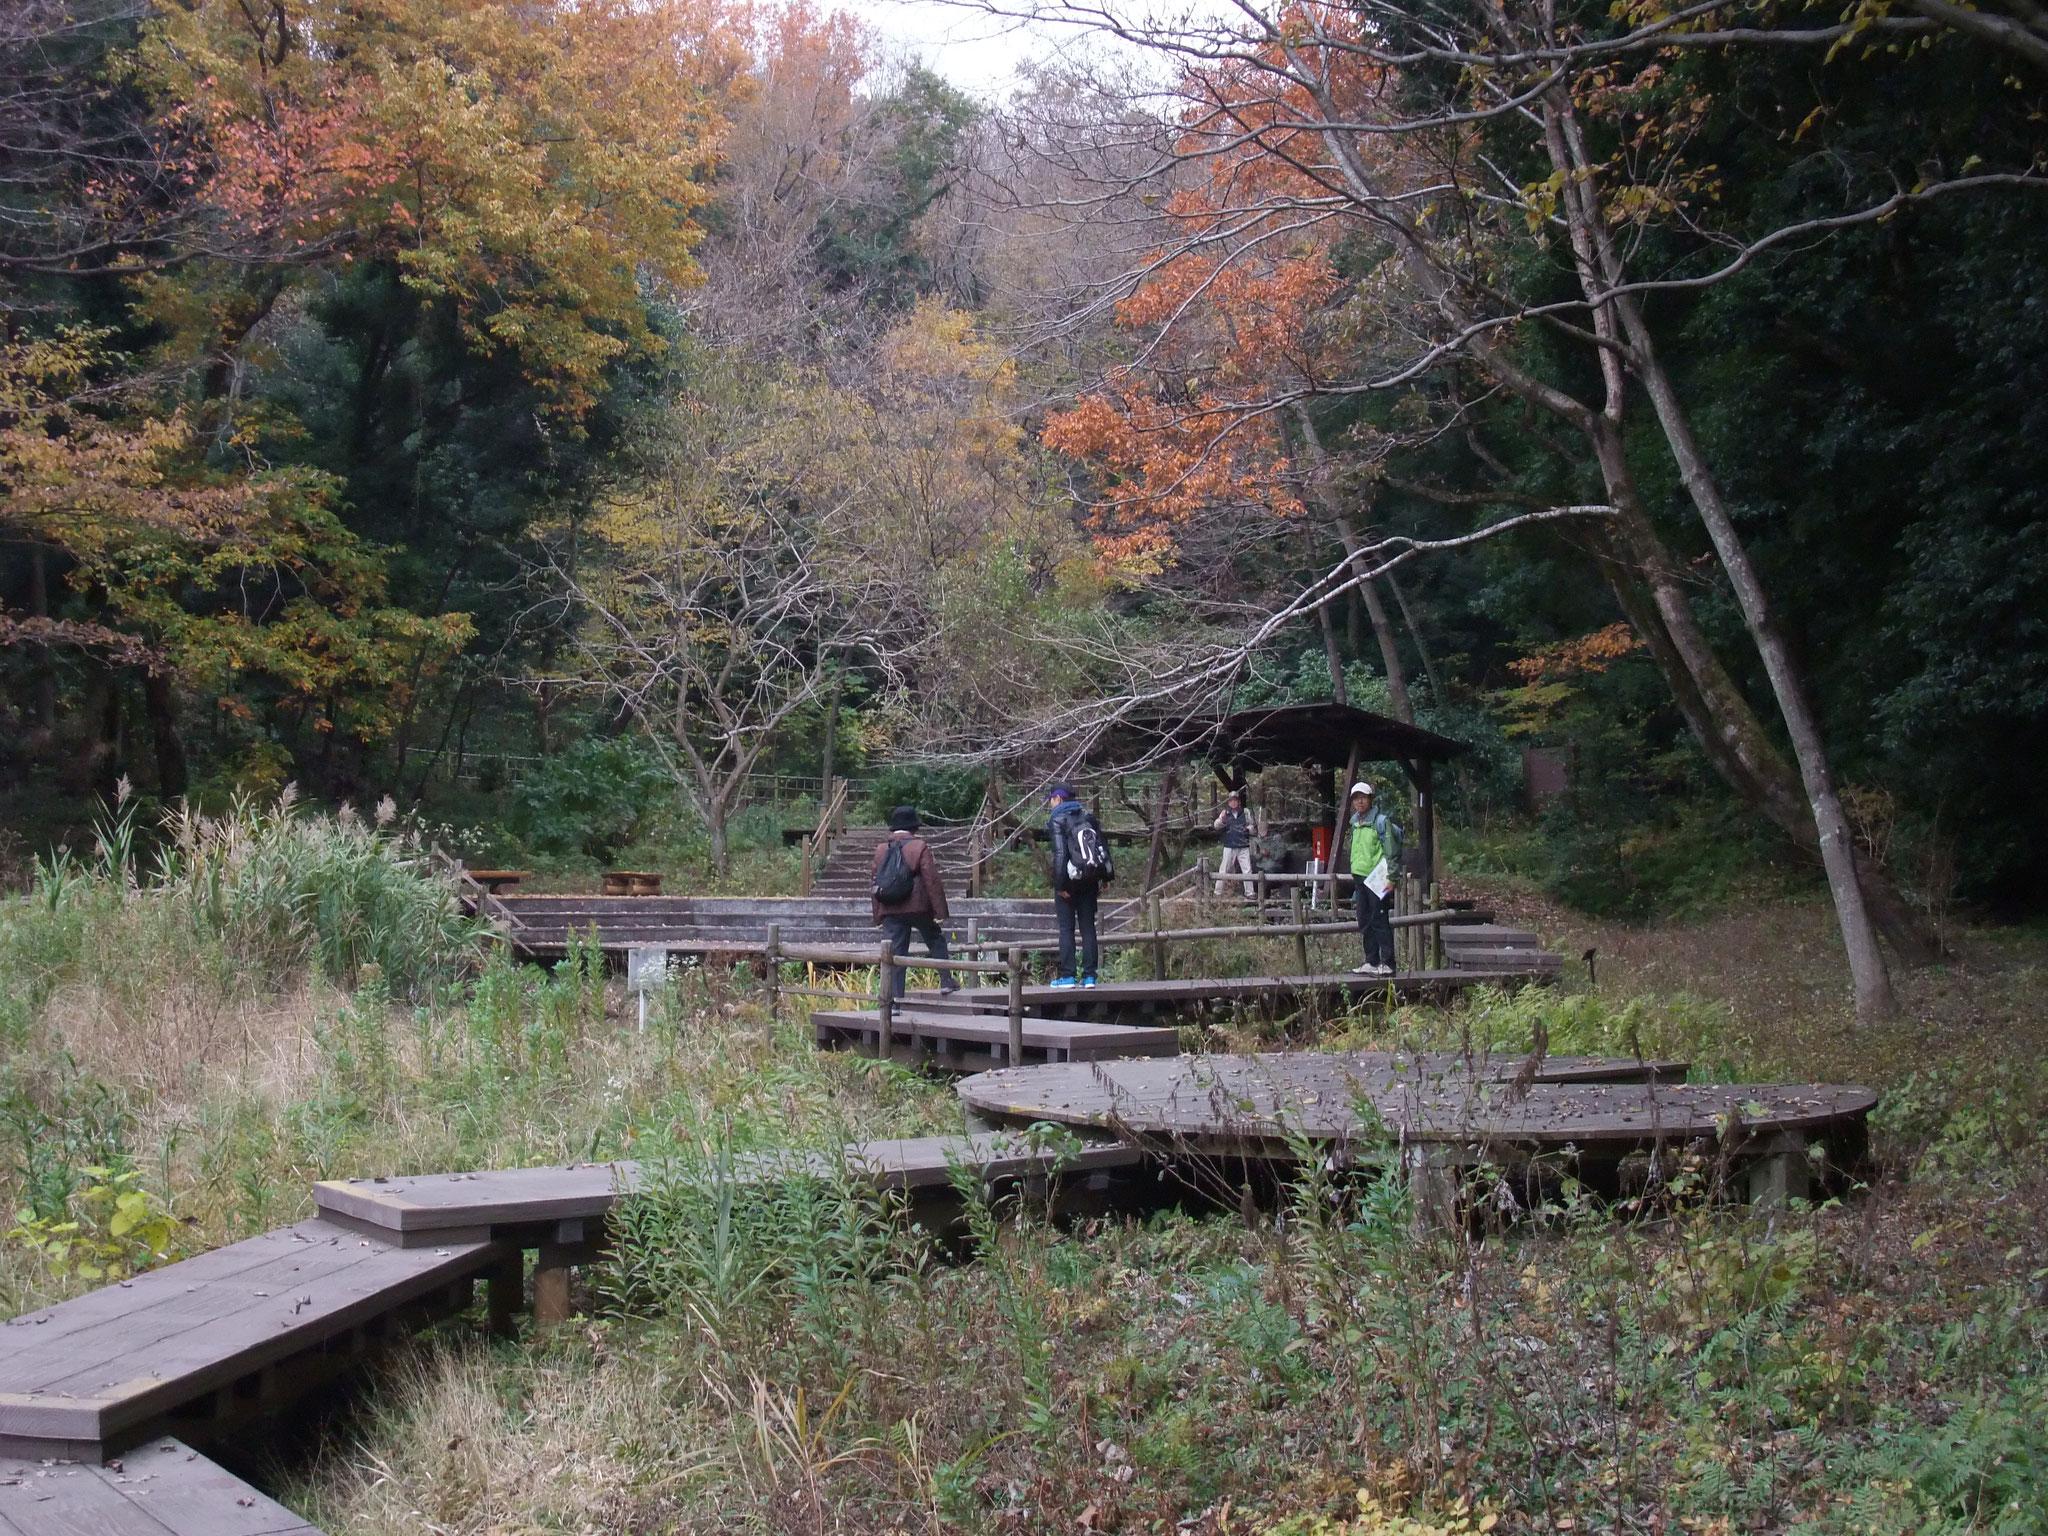 園内の木道で瑠璃色のカワセミに出会う